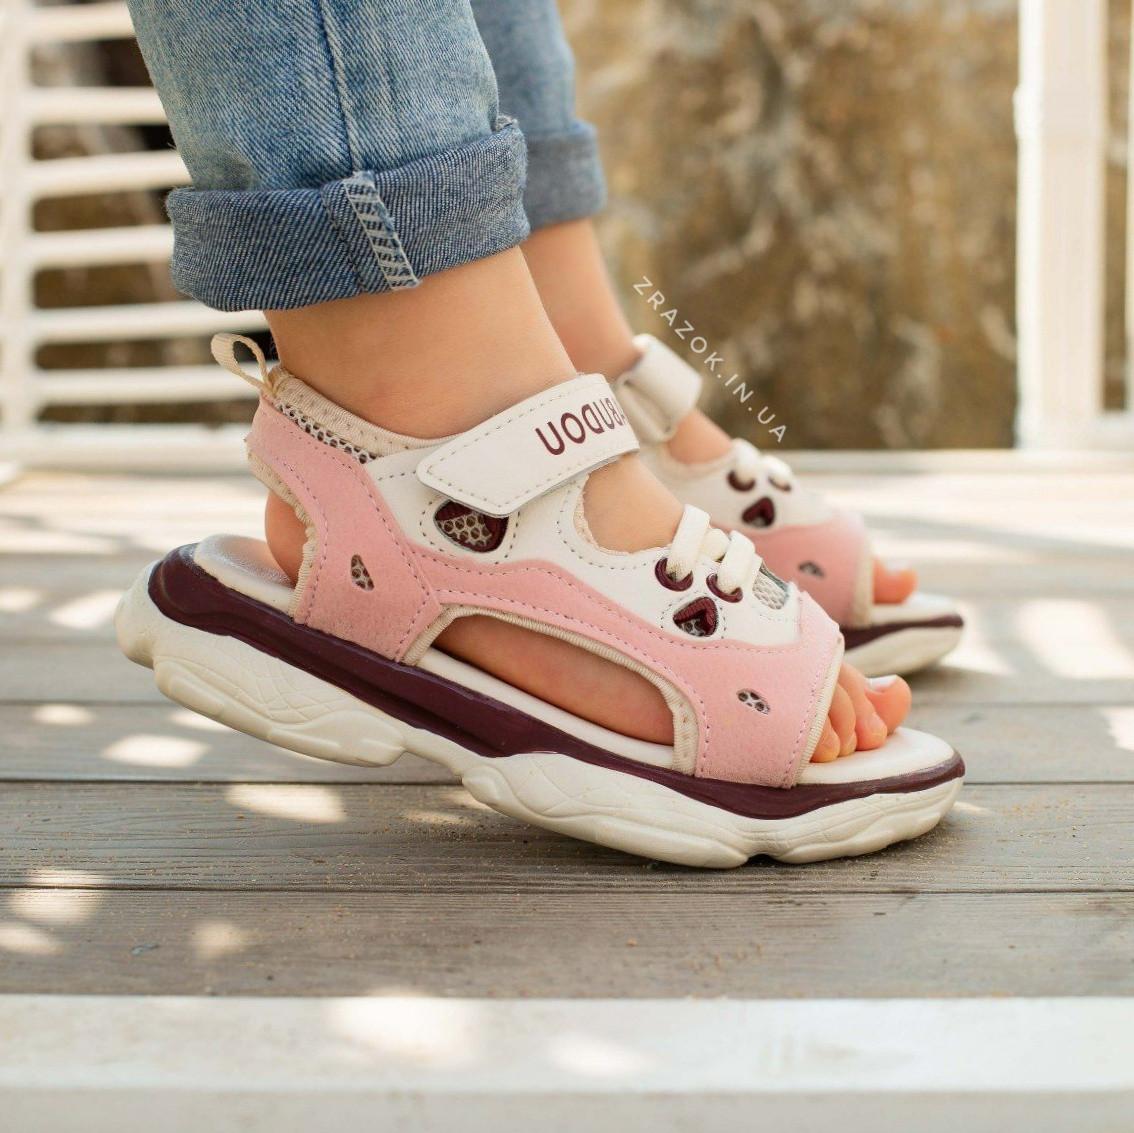 Рожеві дитячі босоніжки, шльопанці сандалі на липучці босоніжки шльопанці сандалі на липучці